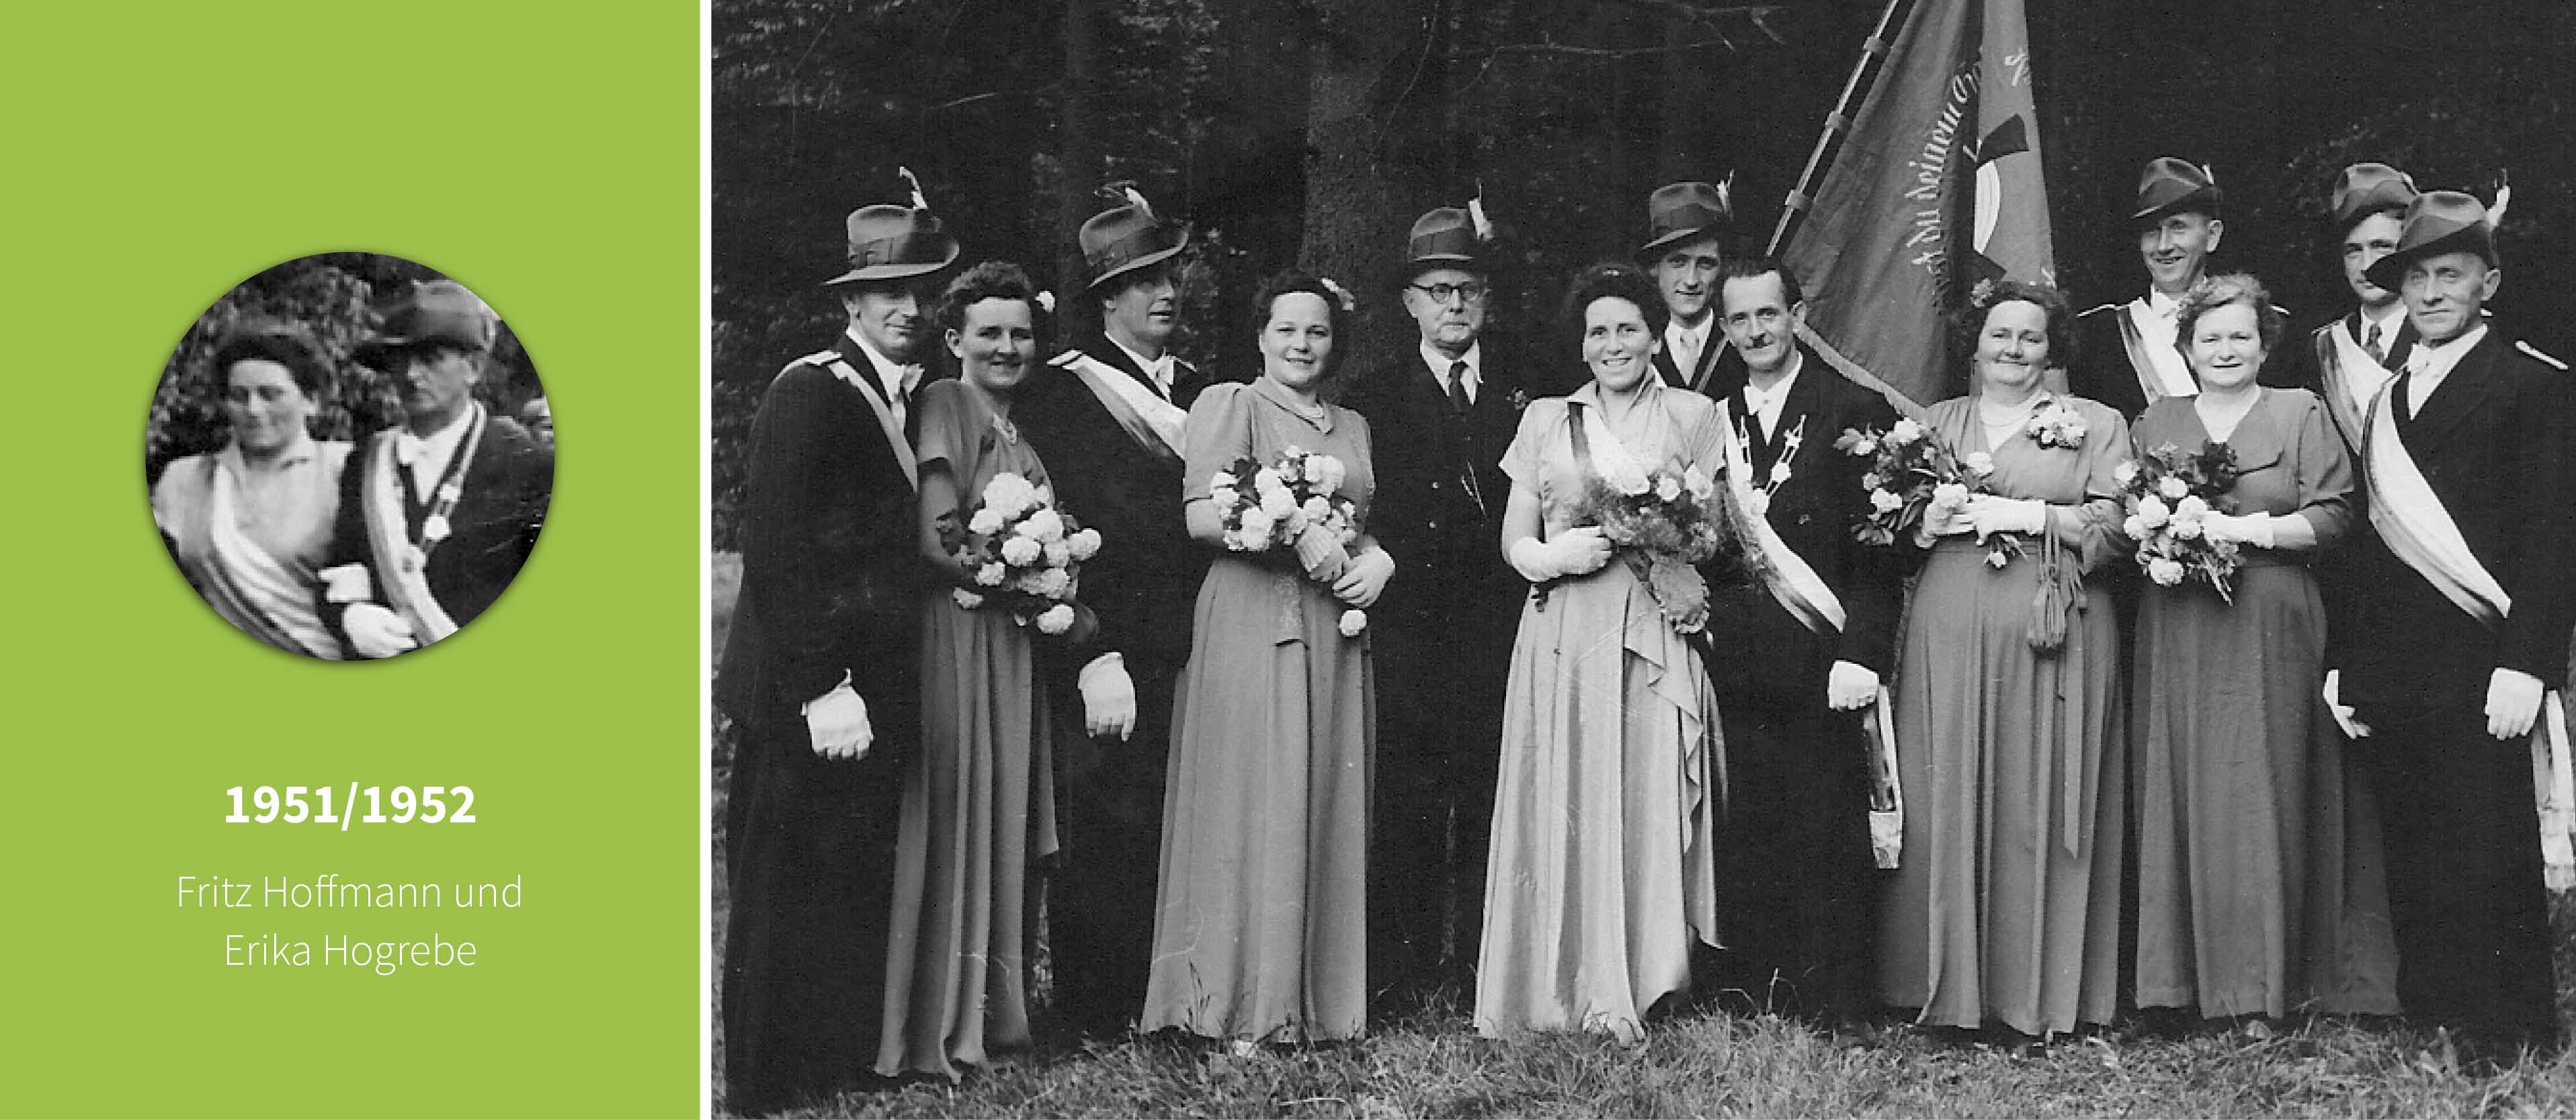 1951_1952_Fritz-Hoffmann-und-Erika-Hogrebe